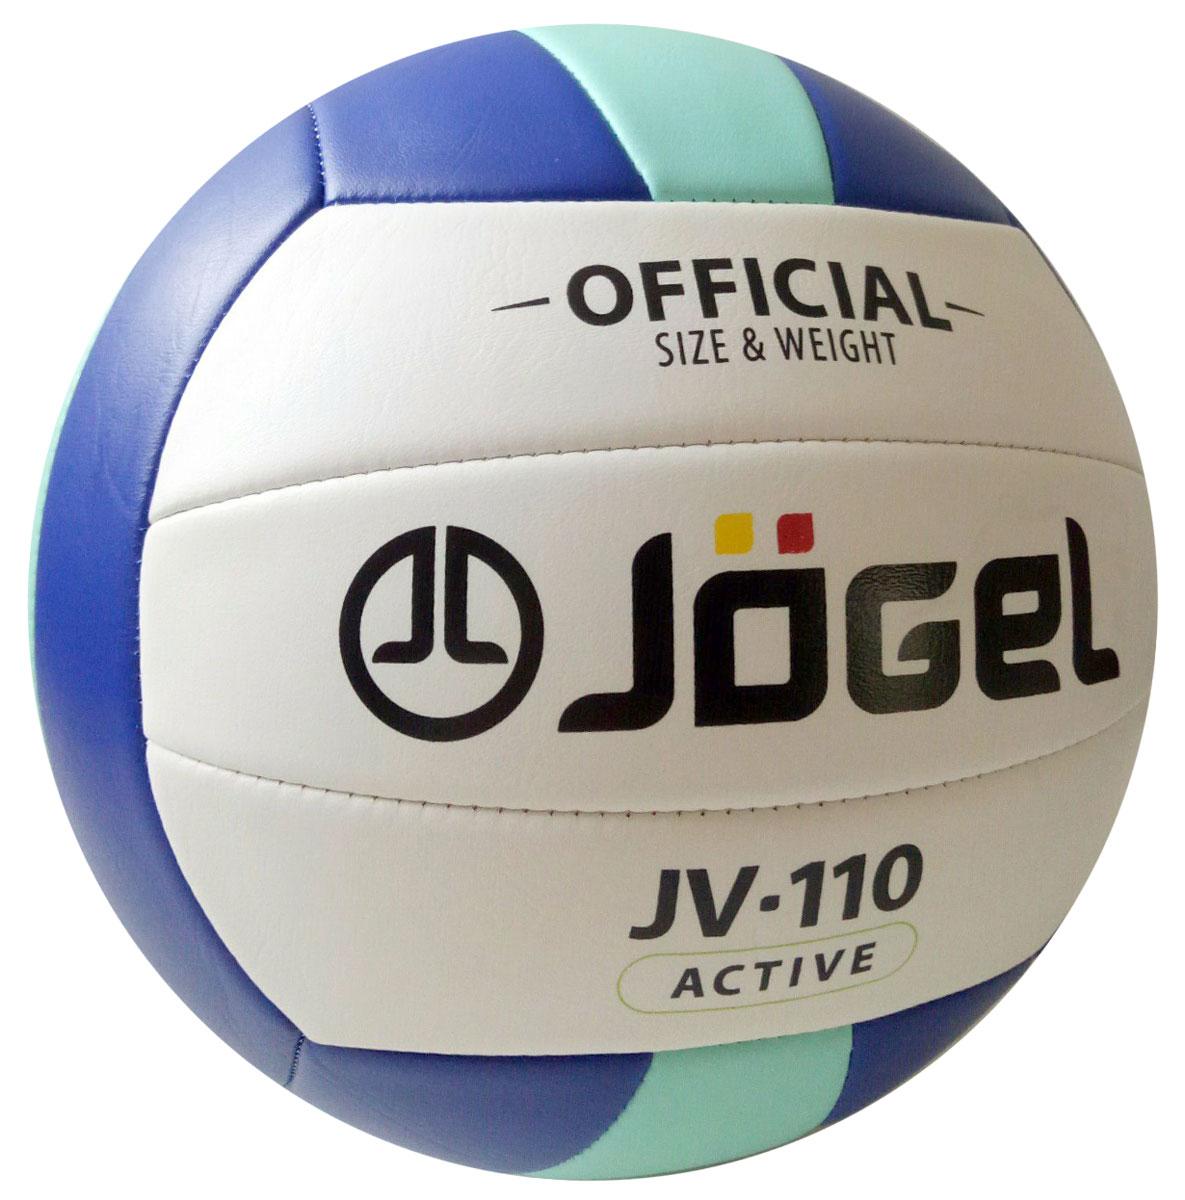 Мяч волейбольный Jogel, цвет: синий, мятный. Размер 5. JV-110УТ-00009280Название: Мяч волейбольный Jgel JV-110 Уровень: Любительский мяч Серия: ACTIVE Описание: Jogel JV-110 любительский мяч для классического волейбола и активного отдыха в модной сине-мятно-белой расцветке. Данная модель является лидером продаж в своей ценовой категории, благодаря недорогой стоимости, неприхотливости к игровым покрытиям и приятным тактильным ощущениям. Поверхность мяча выполнена из мягкой синтетической кожи (поливинилхлорид), что позволяет избежать синяков и ушибах на руках, даже при сильных ударах. Мяч состоит из 18-ти панелей и оснащен бутиловой камерой. Данный мяч прекрасно подходит для поставок на гос. тендеры, образовательные учреждения и спортивные секции. Официальный размер и вес FIBV. Рекомендованные покрытия: Паркет, песок, резина, гаревые поля, бетон Материал покрышки: Синтетическая кожа (поливинилхлорид) Материал камеры: Бутил Тип соединения панелей: Машинная сшивка Количество панелей: 18 Размер: 5 Вес: 260-280 гр. Длина окружности: 65-67 см Рекомендованное...